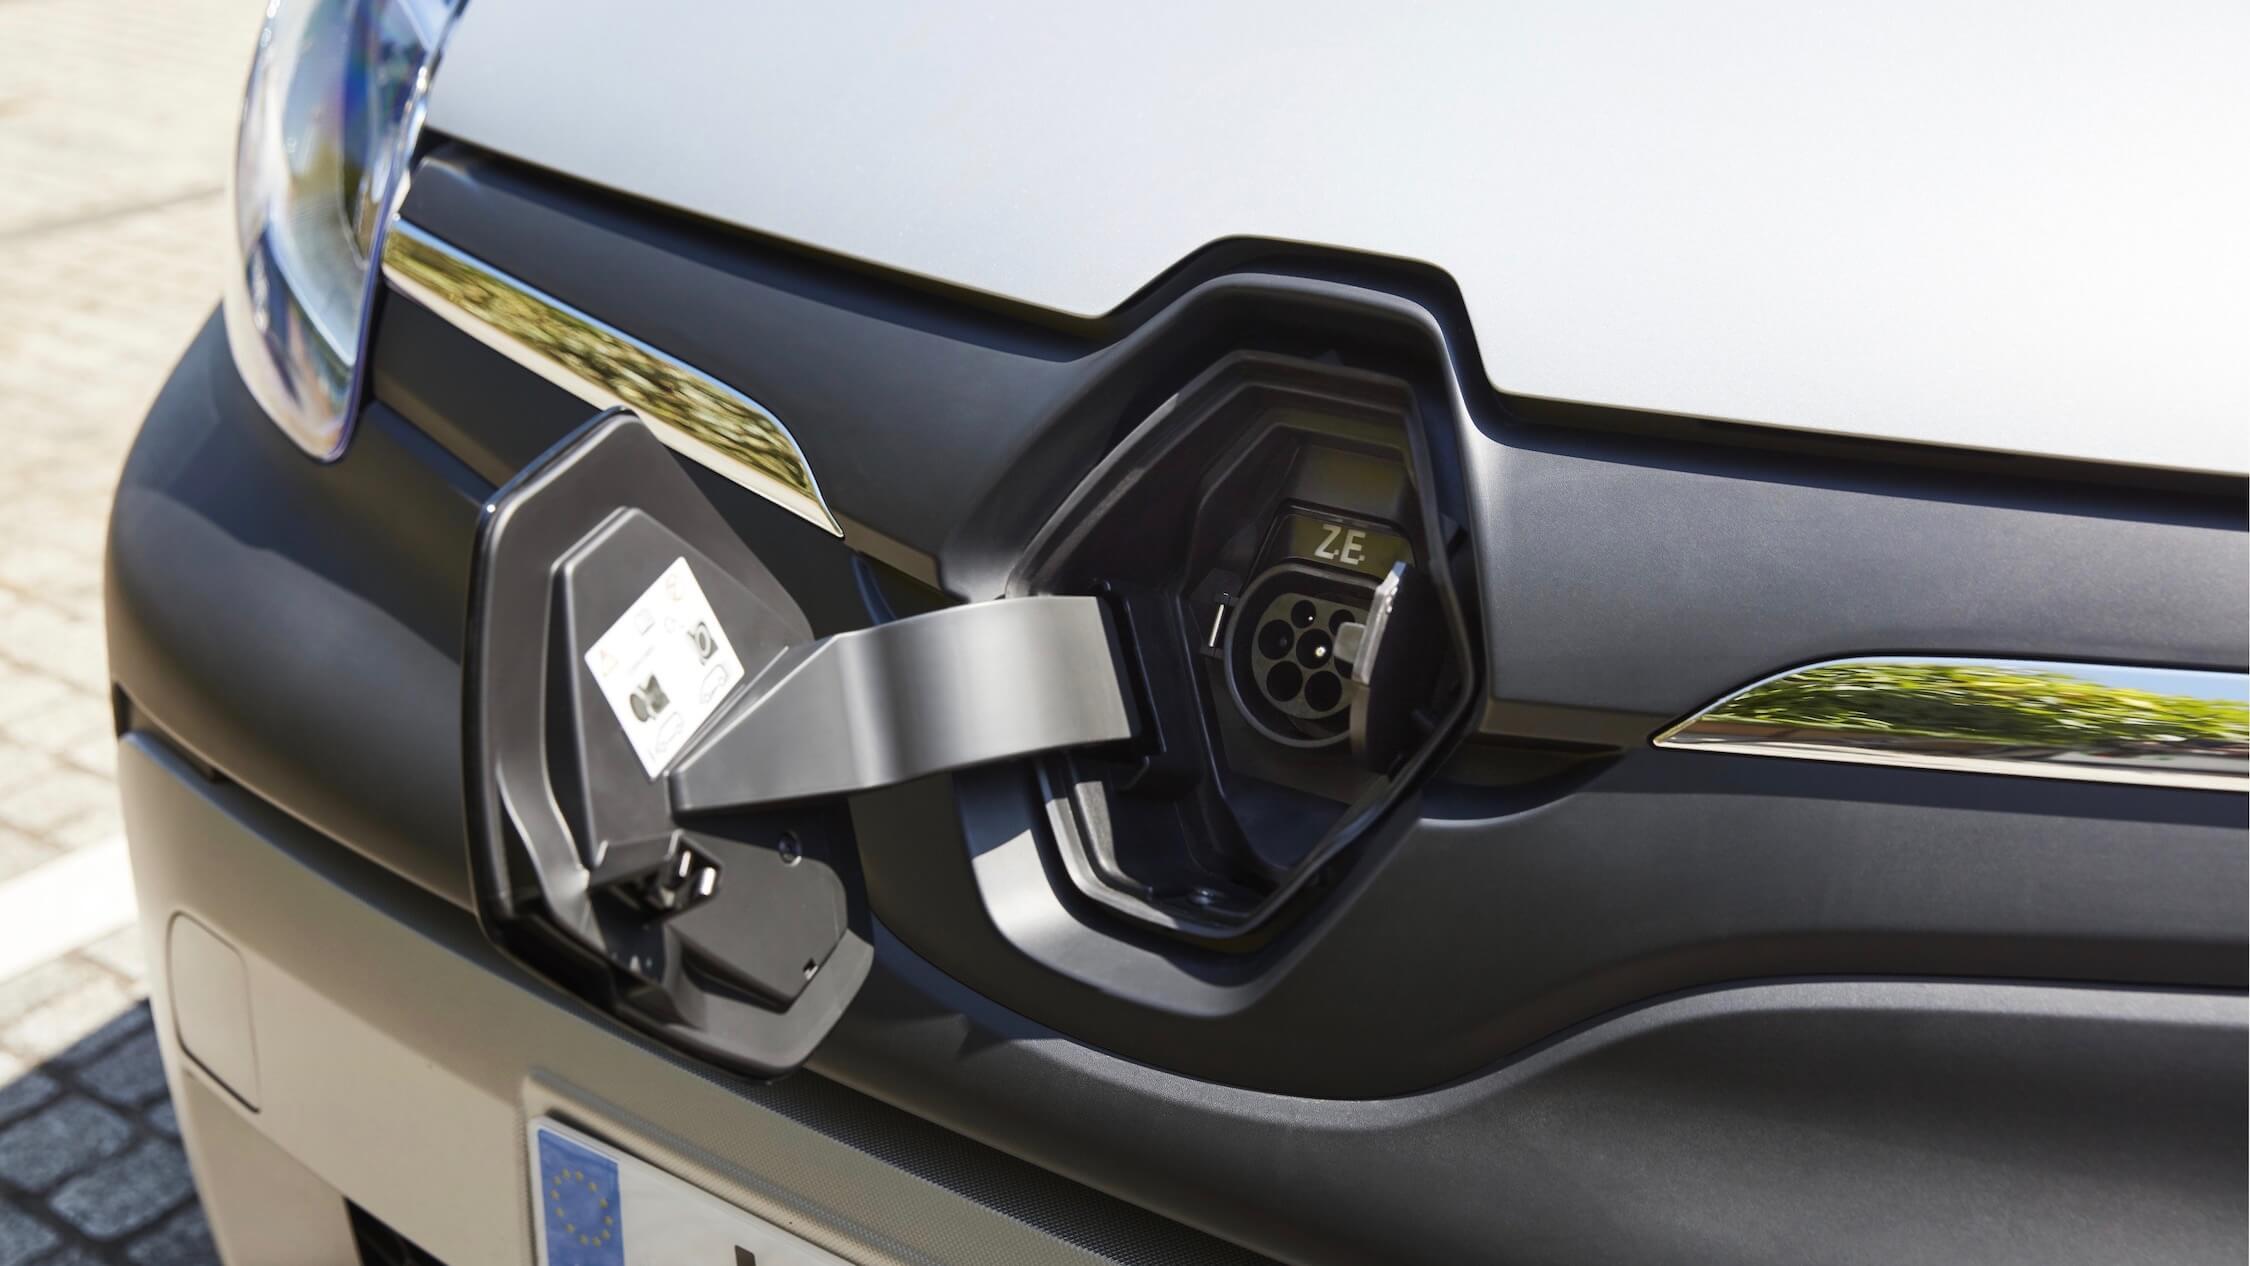 elektrische Renault Kangoo ZE laden